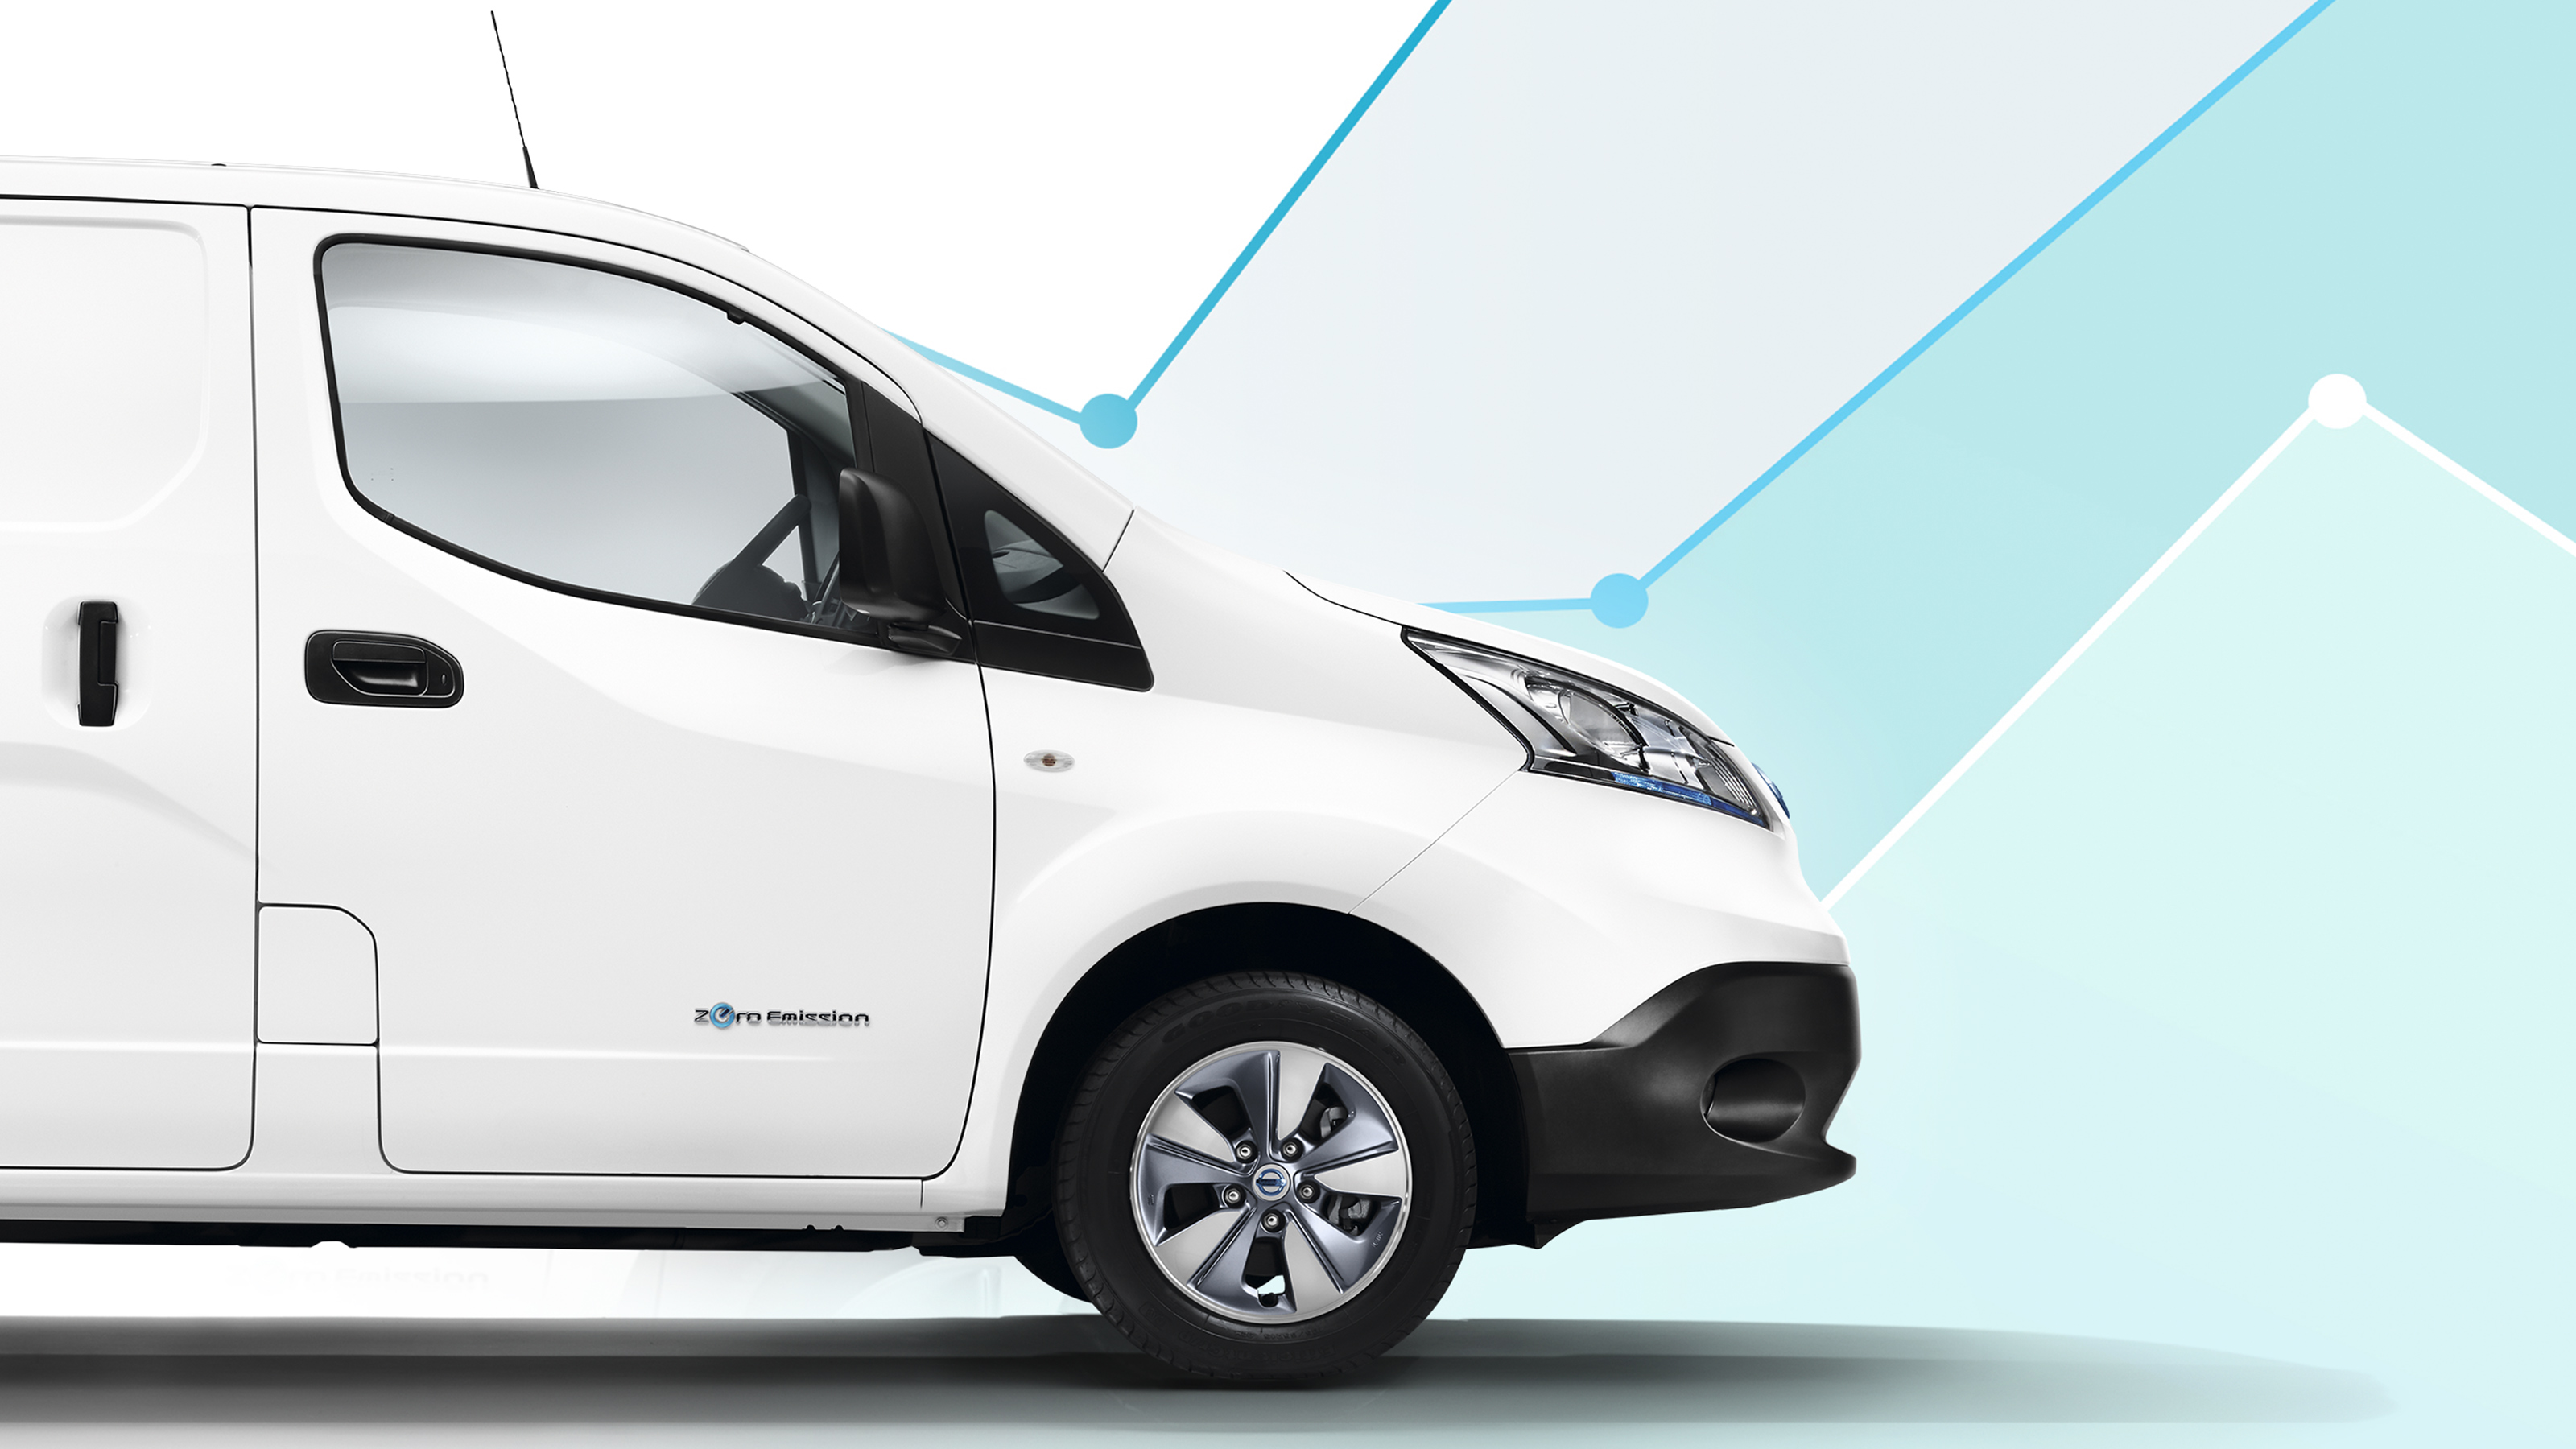 Nv200 Électrique Fourgon E Utilitaireamp; Nissan dBoWCerx